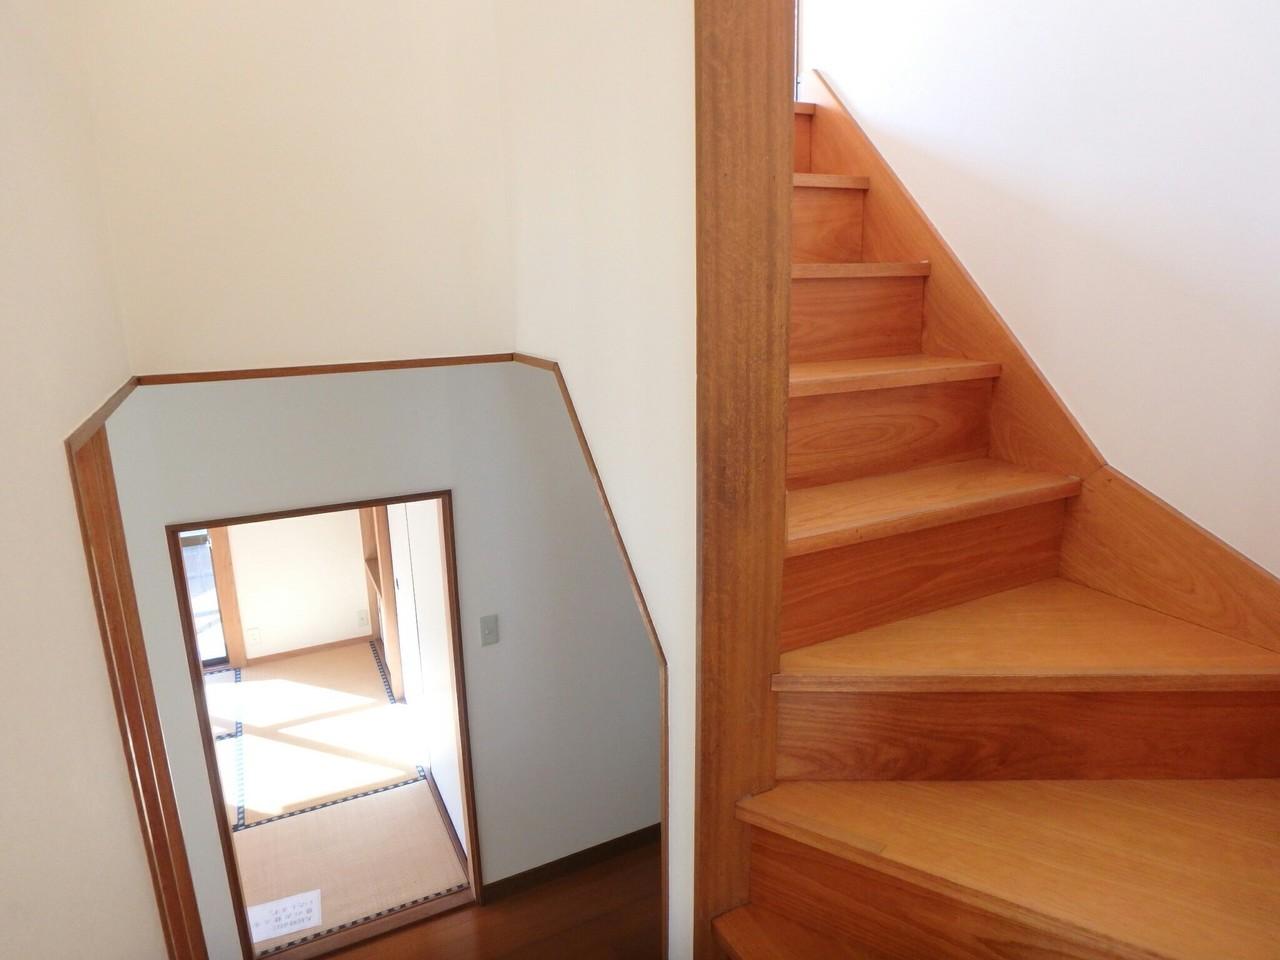 日中は階段も照明なしで過ごせますね。